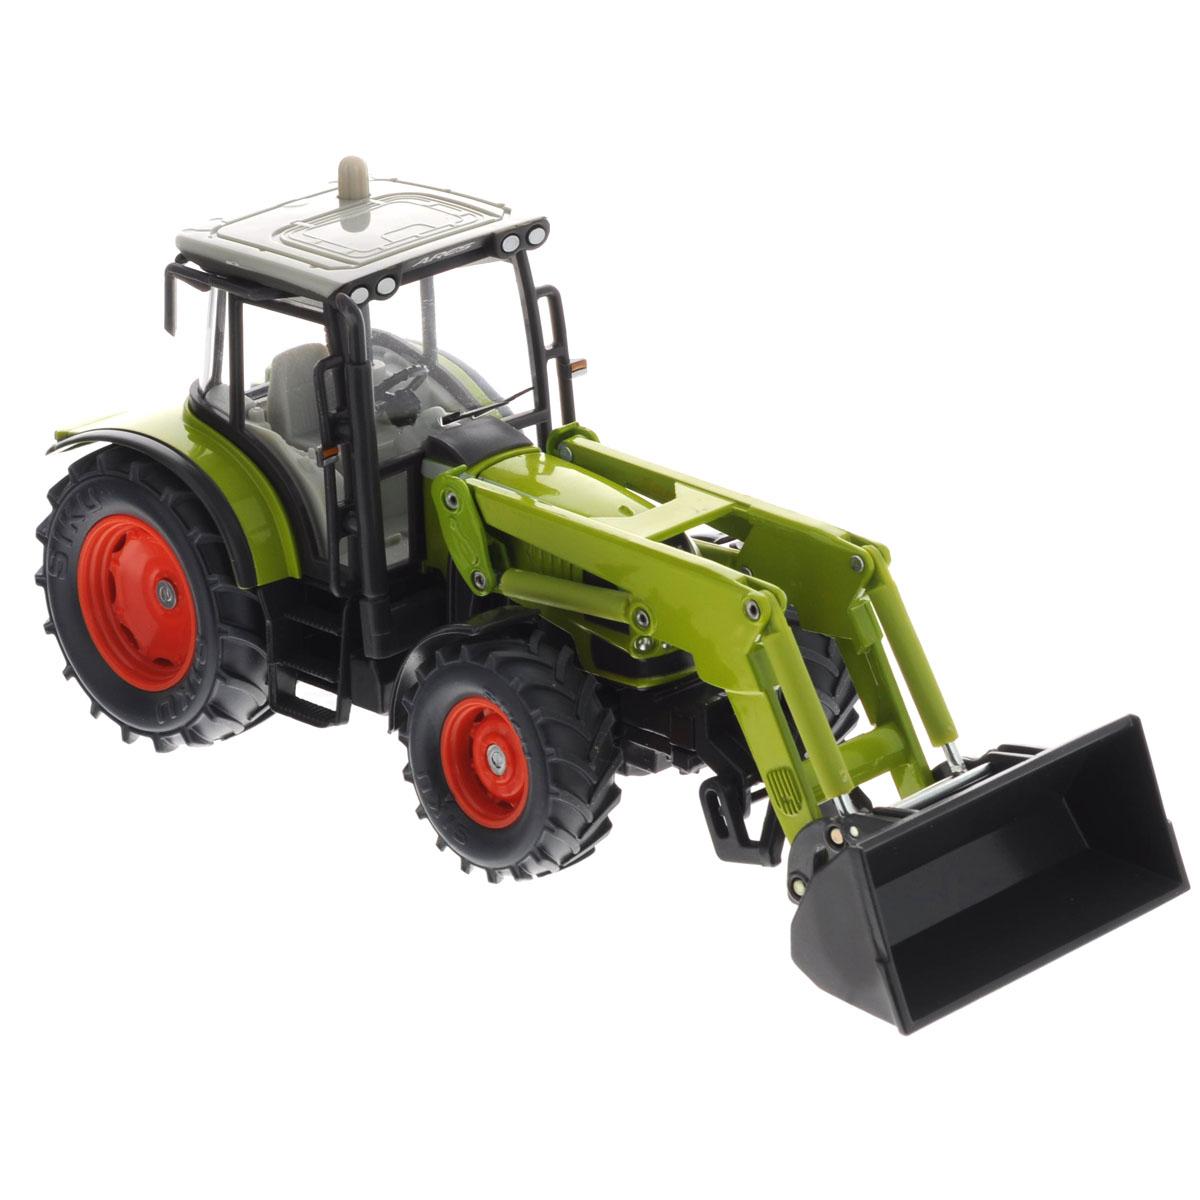 Siku Трактор с фронтальным погрузчиком Claas Ares siku трактор claas xerion 5000